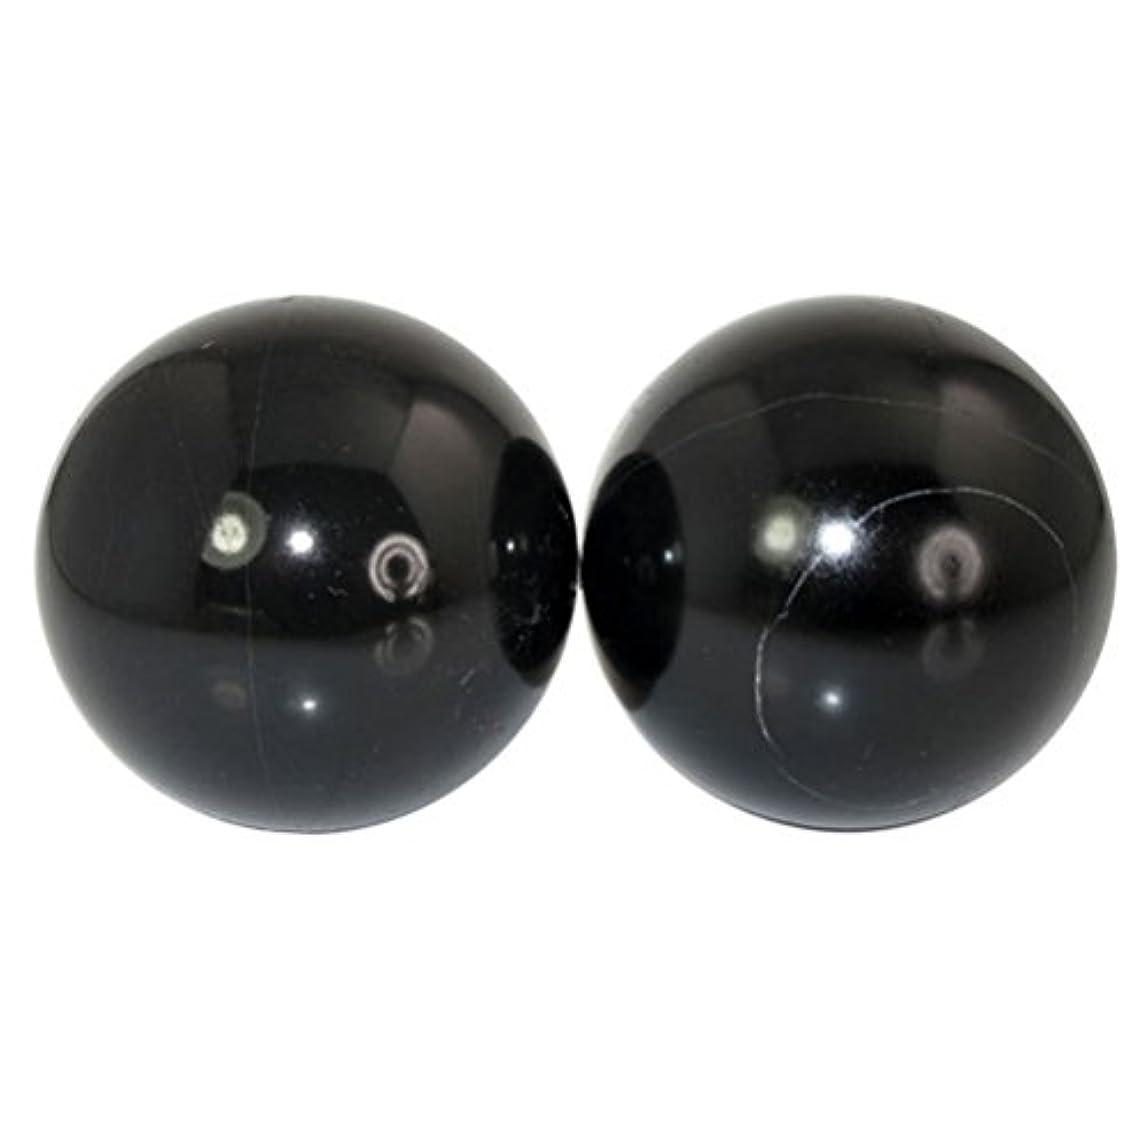 常識ホールド農民ROSENICE 2本の天然石マッサージボール瞑想フィットネスハンドエクササイズヒーリングボール(手治療用)ストレスレリーフ(黒)